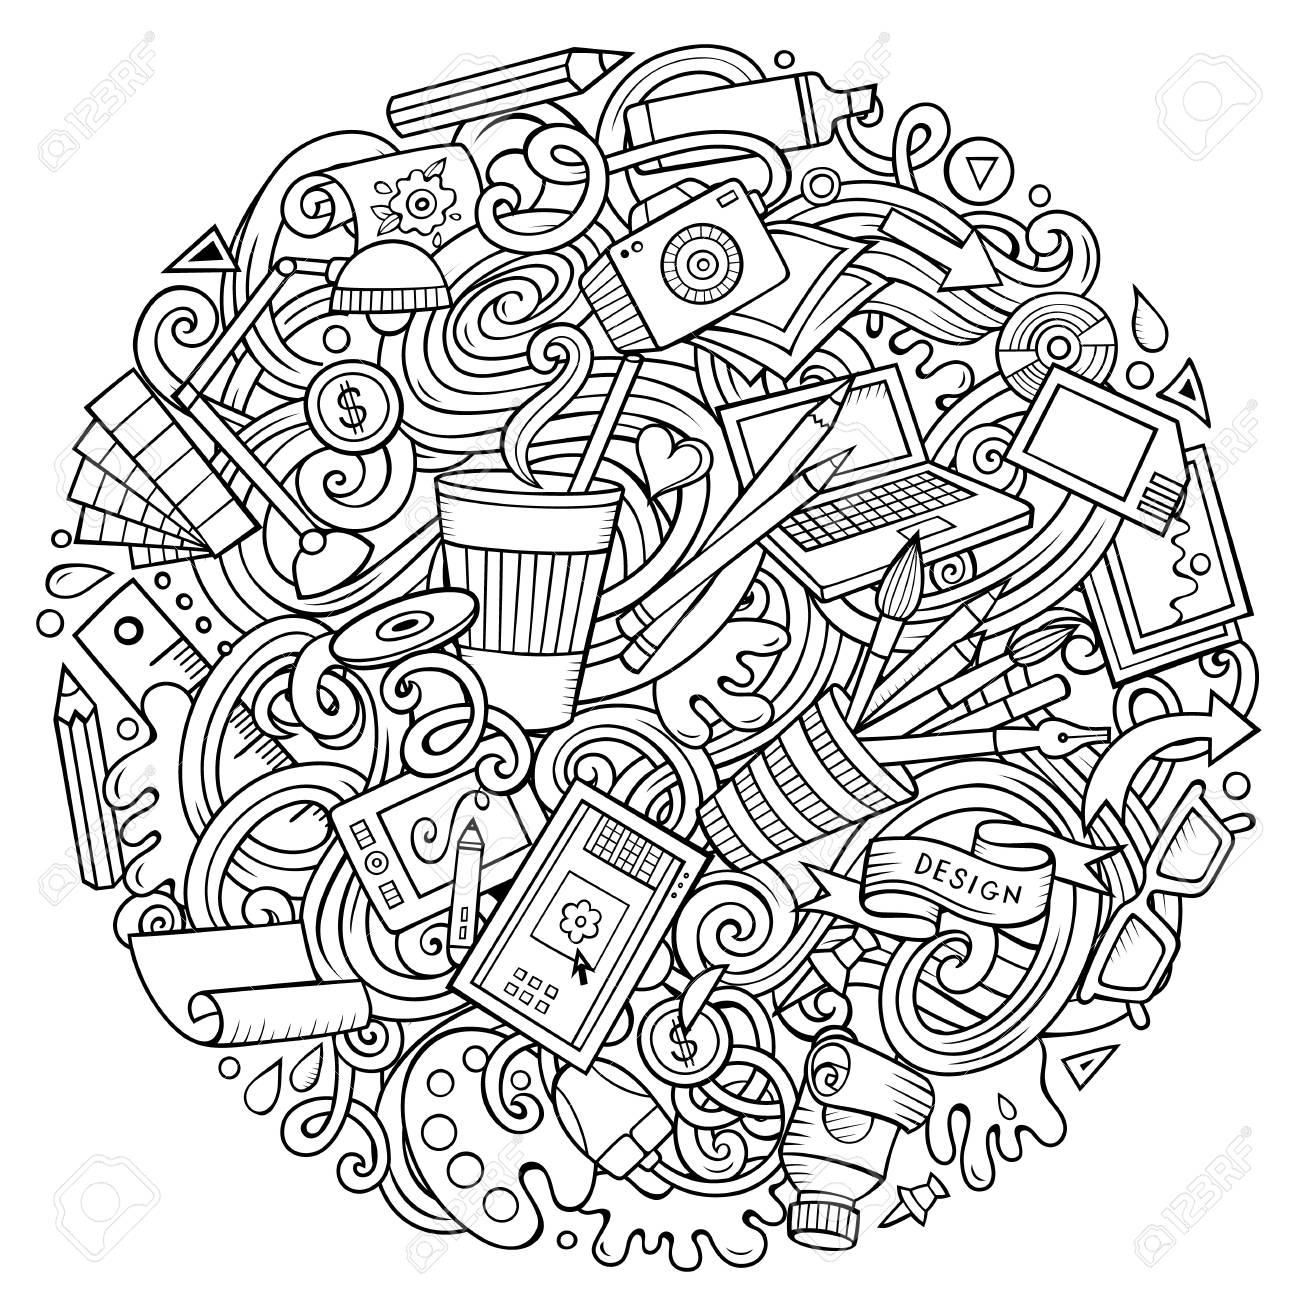 かわいい落書きデザイン イラストを漫画しますのイラスト素材ベクタ